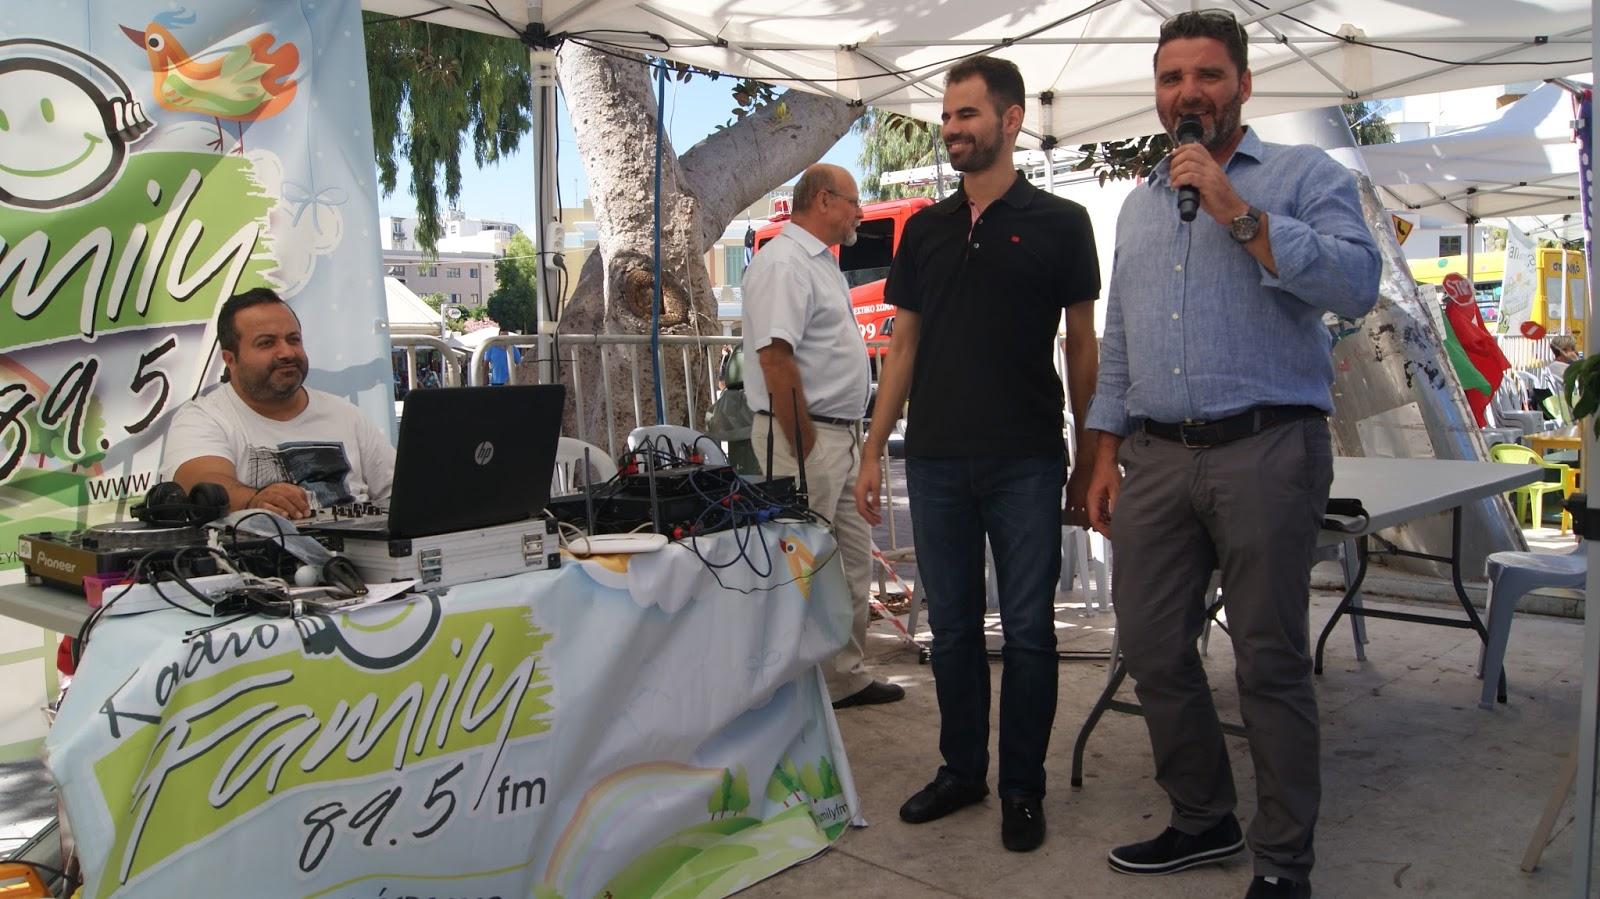 Ο Βαγγέλης Αυγουλάς και ο Μιχάλης Δρακάκης στο κυκλοφοριακό πάρκο